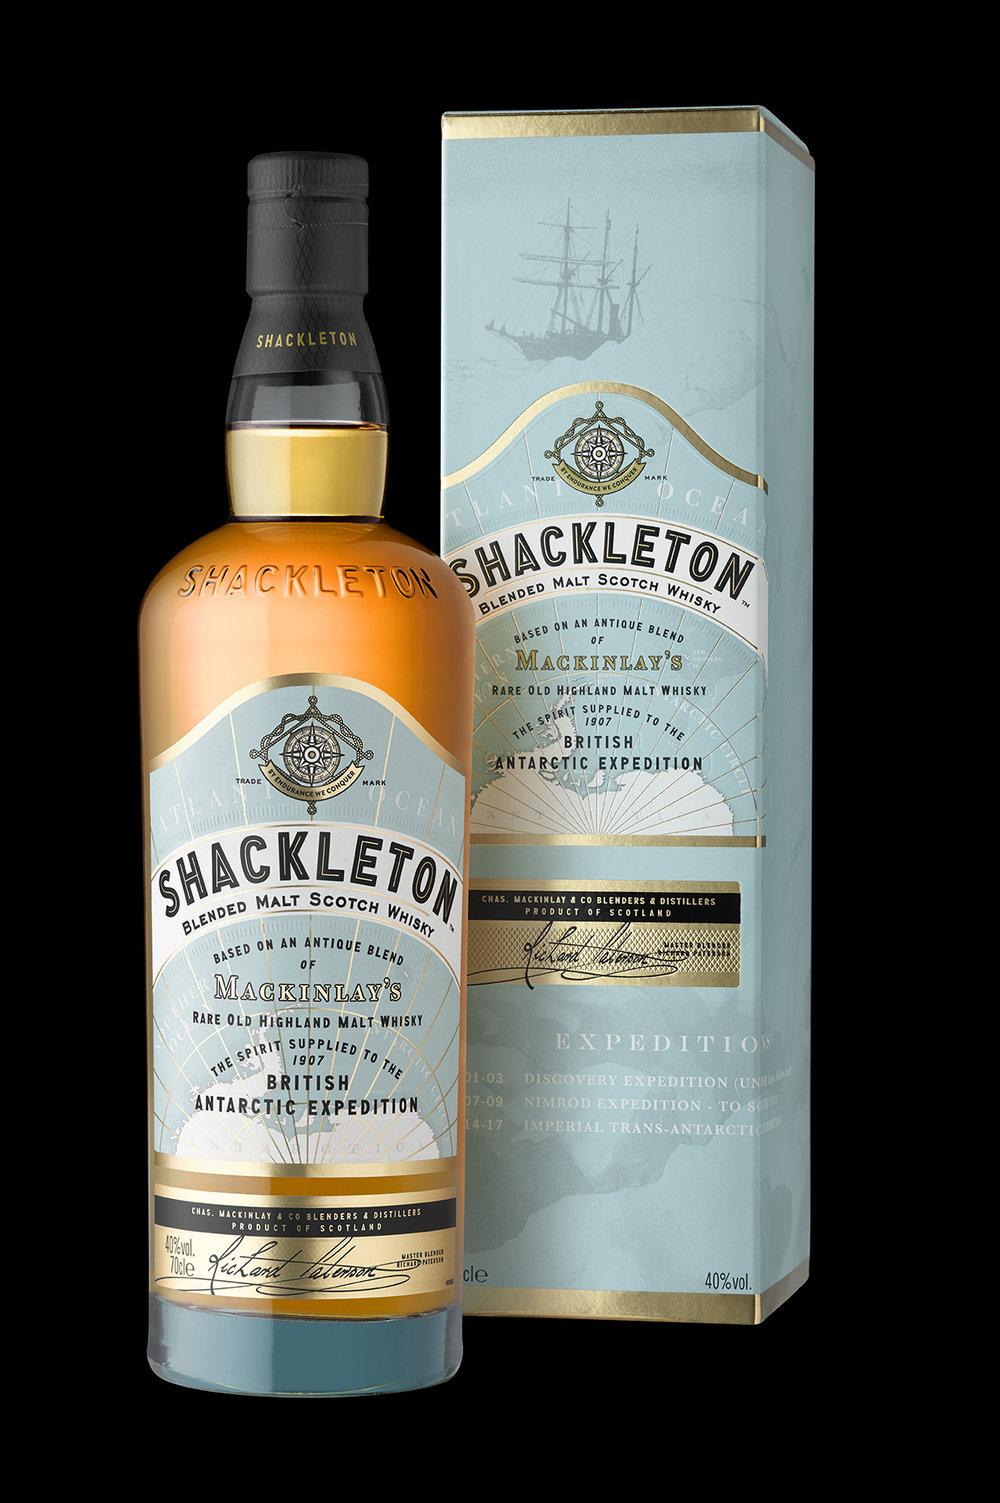 Shackleton_box_bottle_on_black.jpg